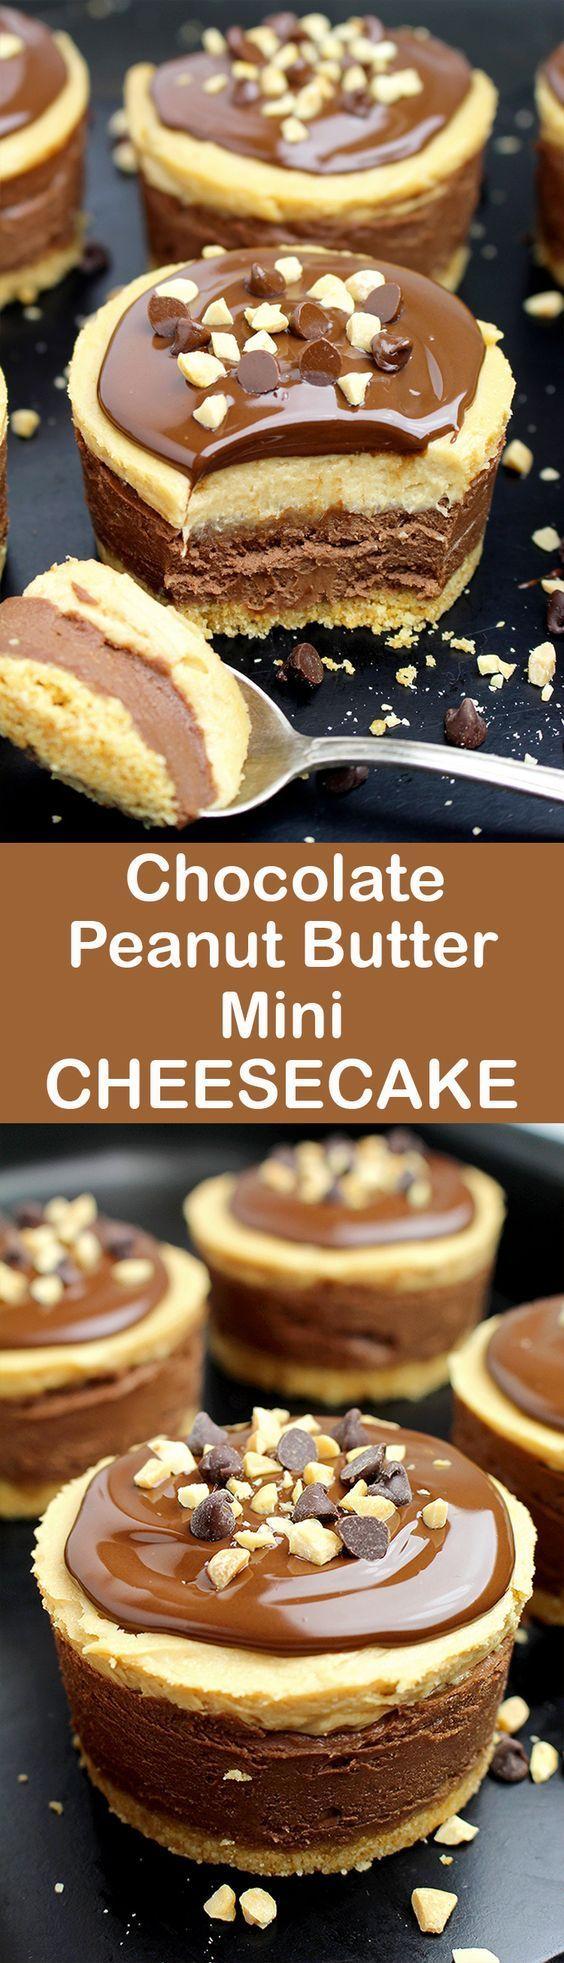 No Bake Chocolate Peanut Butter Mini Cheesecake (Vanilla Cake)